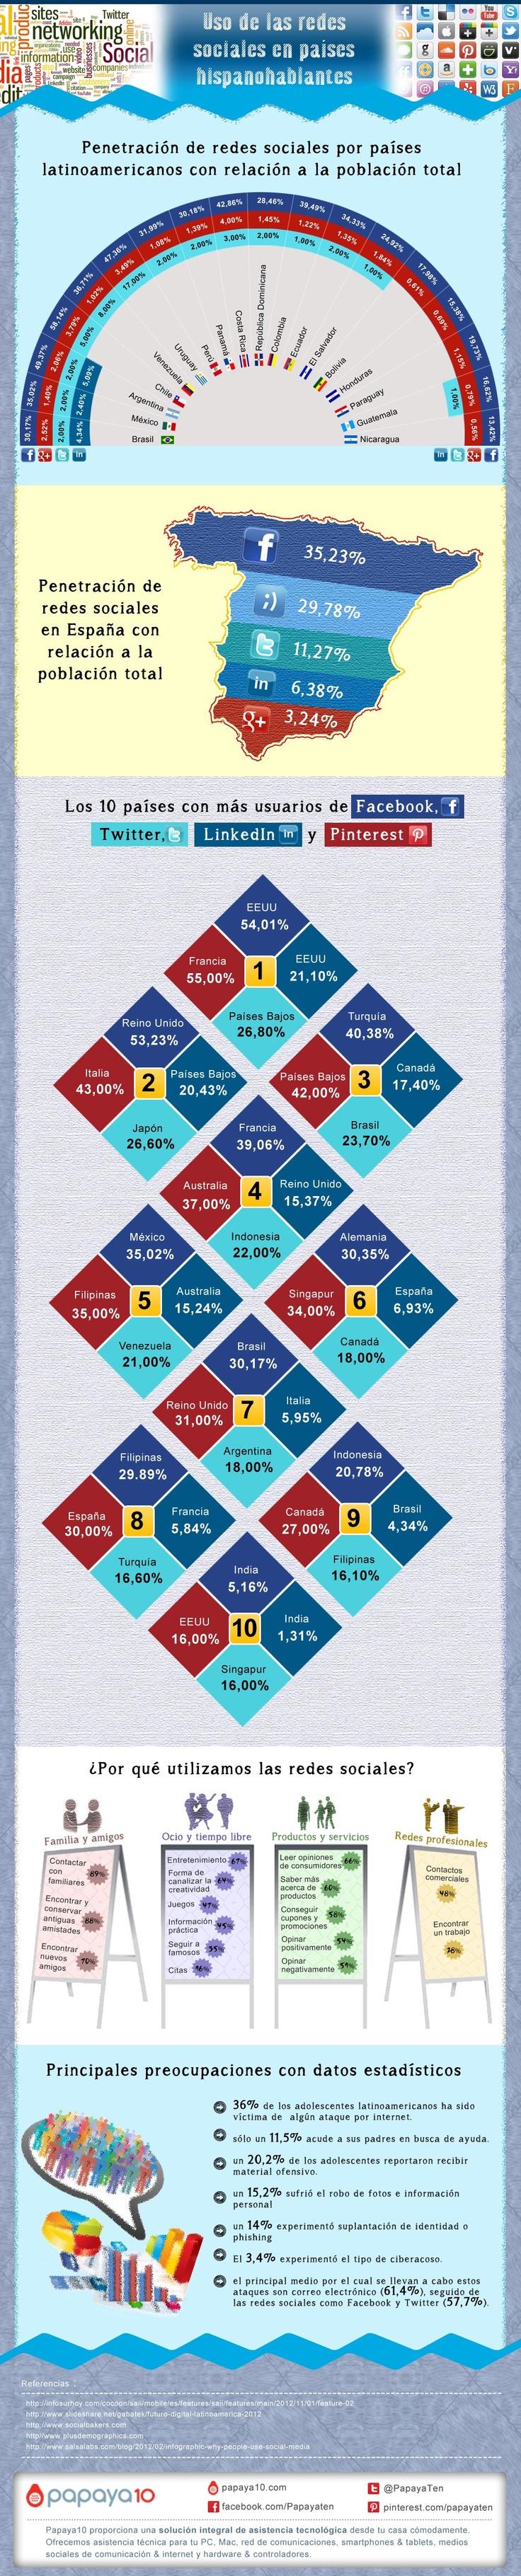 Uso de redes sociales en países hispanohablantes [Infografía] - redes-sociales-hispanohablantes